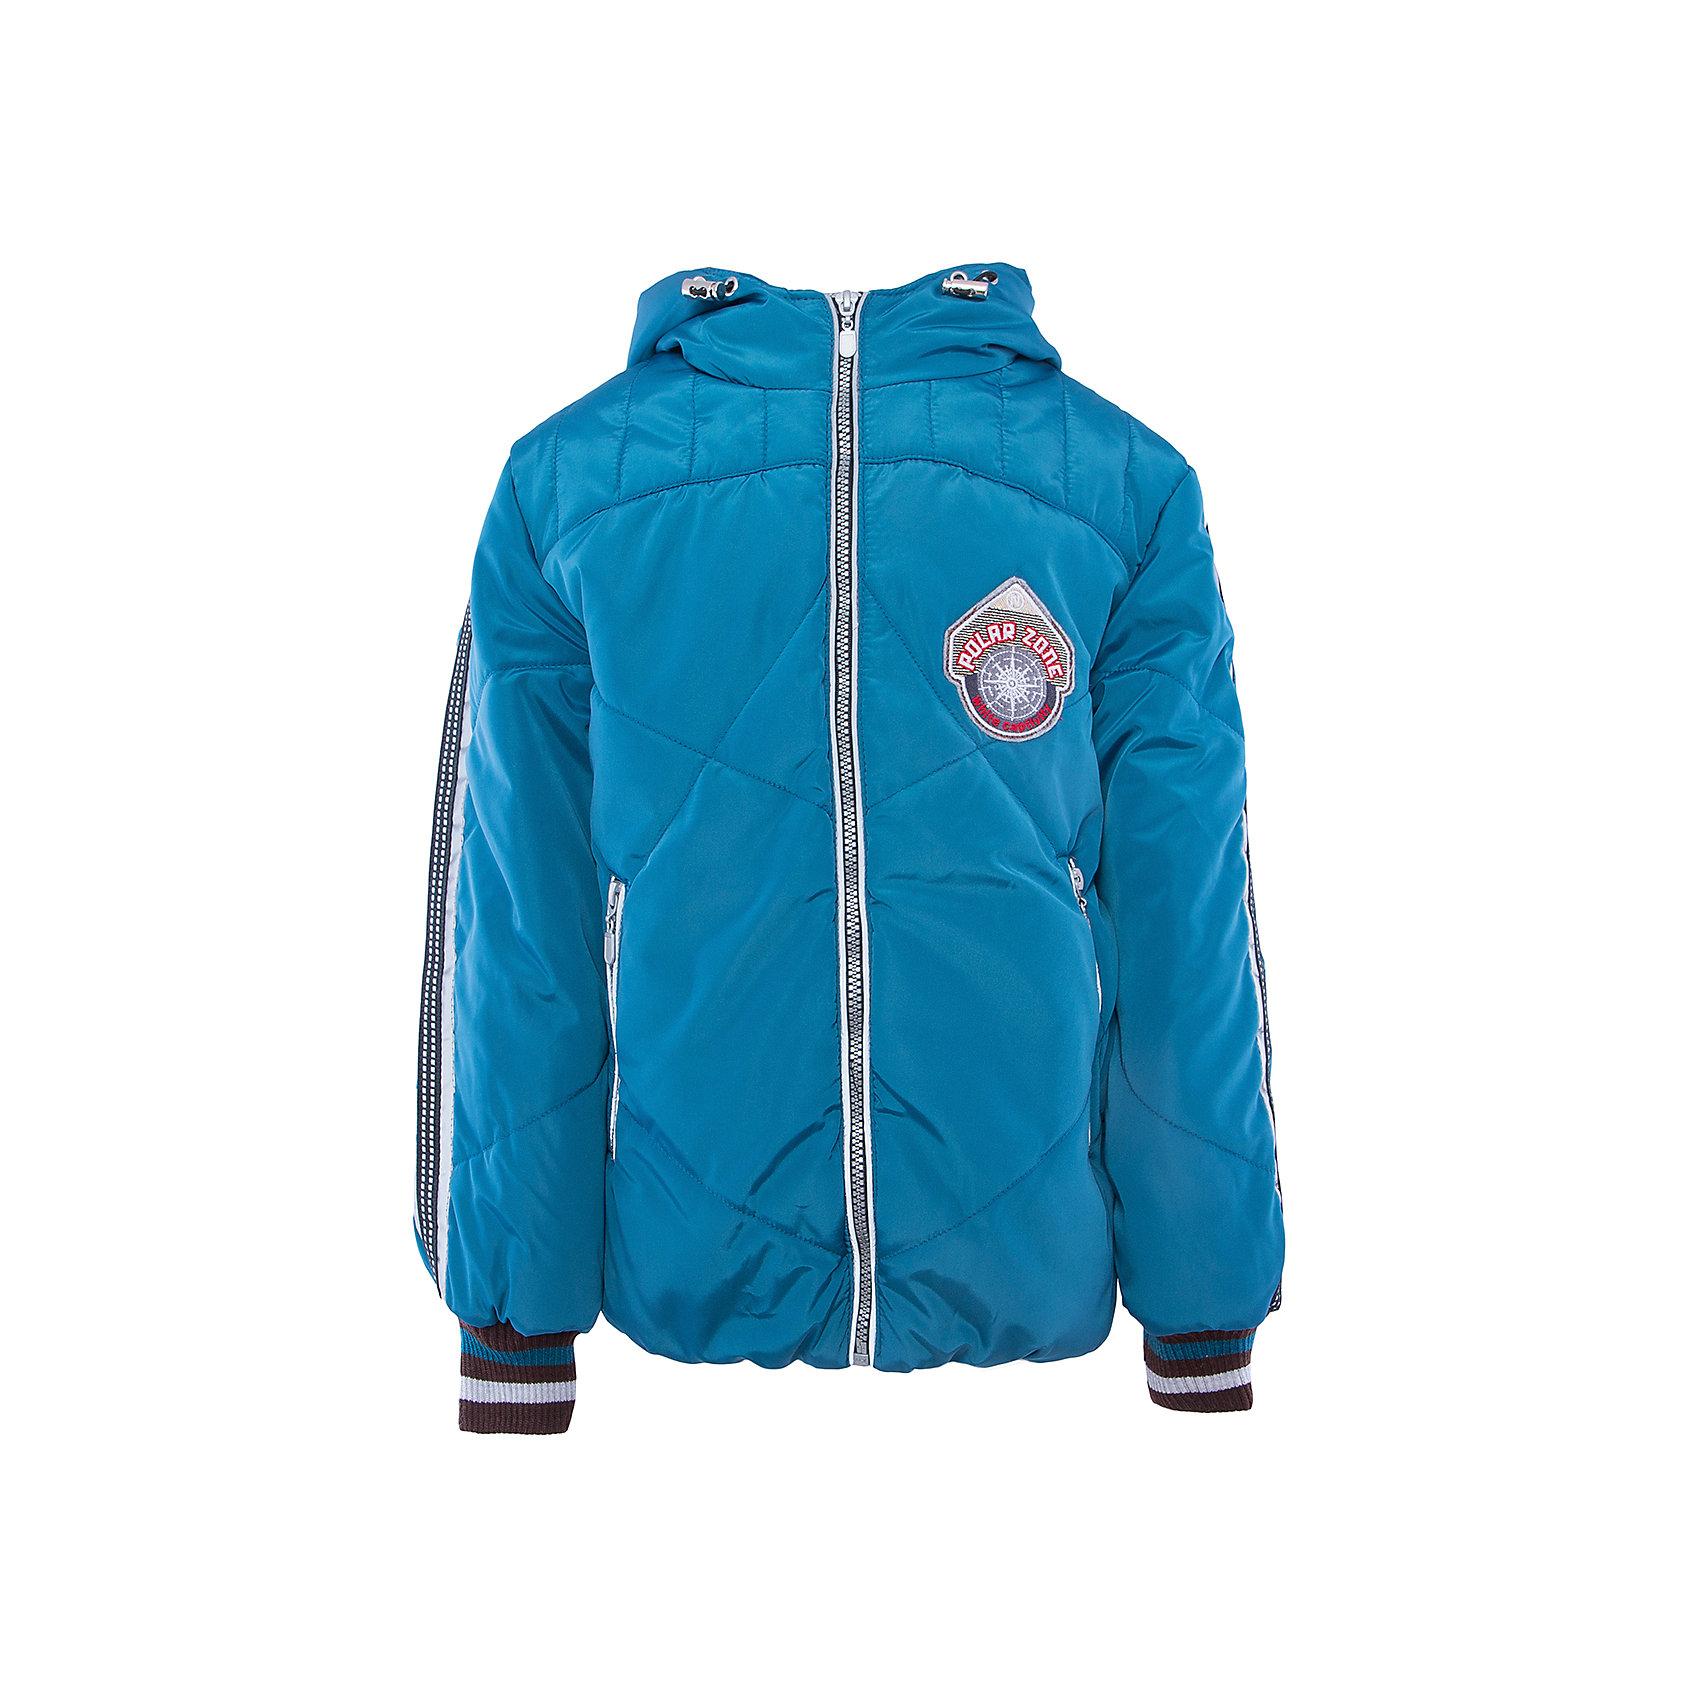 Куртка для мальчика АртельВерхняя одежда<br>Куртка для мальчика от известного бренда Артель<br>Куртка прямого силуэта. Капюшон может использоваться как оригинальный воротник, т.к. имеет молнию по-середине. По низу куртка отделанадекоративной резинкой, что позволяет изделиюмаксимально прилегать и не пропускать холод. Рукава декорированы светоотражающей тесьмой. Низ <br>Состав:<br>Верх: Принц<br>Подкладка: сорочка<br>Утеплитель: термофайбер 200гр<br><br>Ширина мм: 356<br>Глубина мм: 10<br>Высота мм: 245<br>Вес г: 519<br>Цвет: синий<br>Возраст от месяцев: 84<br>Возраст до месяцев: 96<br>Пол: Мужской<br>Возраст: Детский<br>Размер: 128,158,134,140,146,152<br>SKU: 4963602